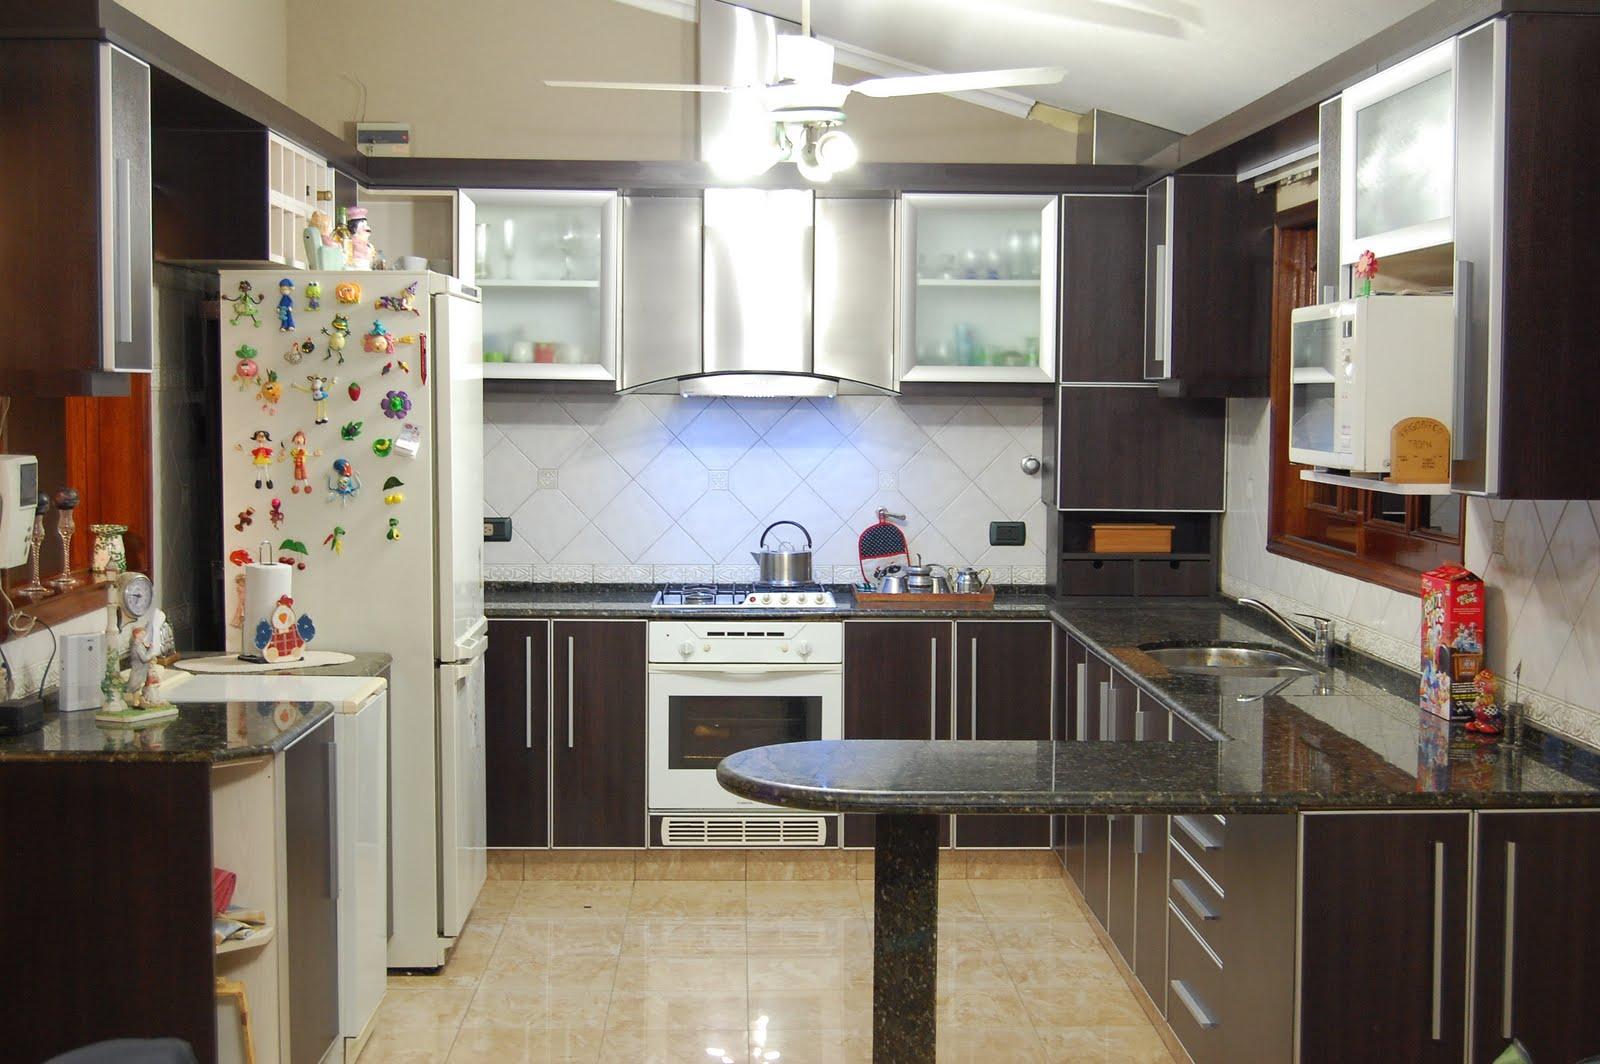 Fotos de muebles de cocina de roble - Cocinas de madera de roble ...